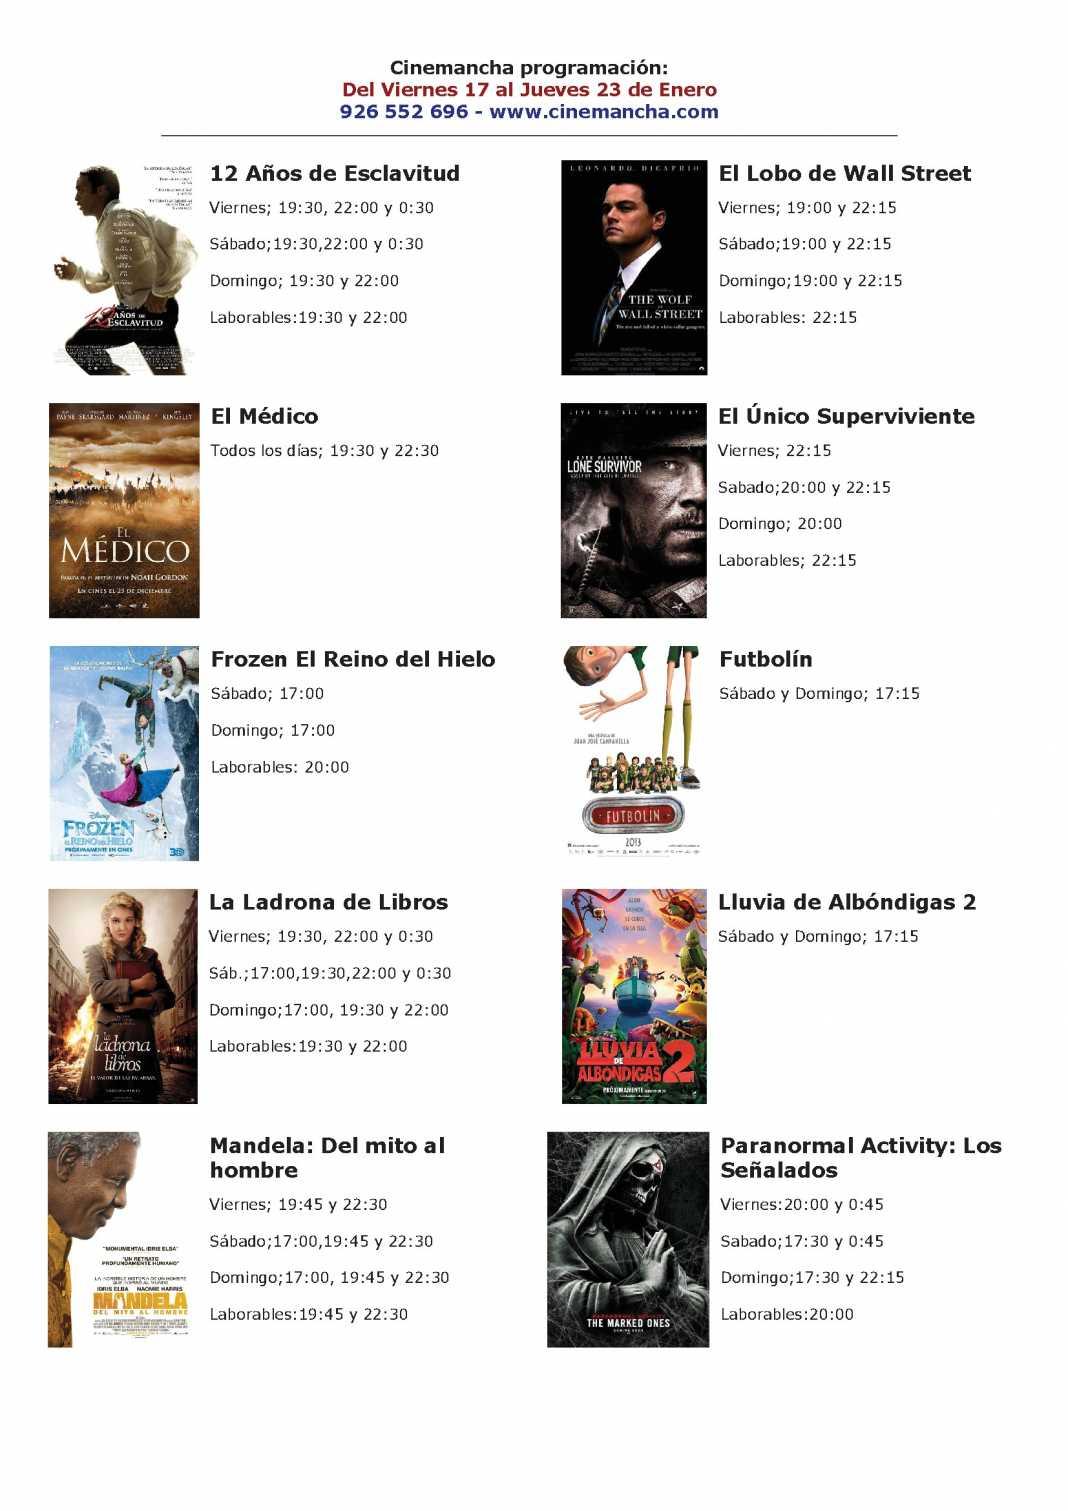 cartelera de multicines cinemancha del 17 al 23 de enero 1068x1511 - Programación Cinemancha del 17 al 23 de enero